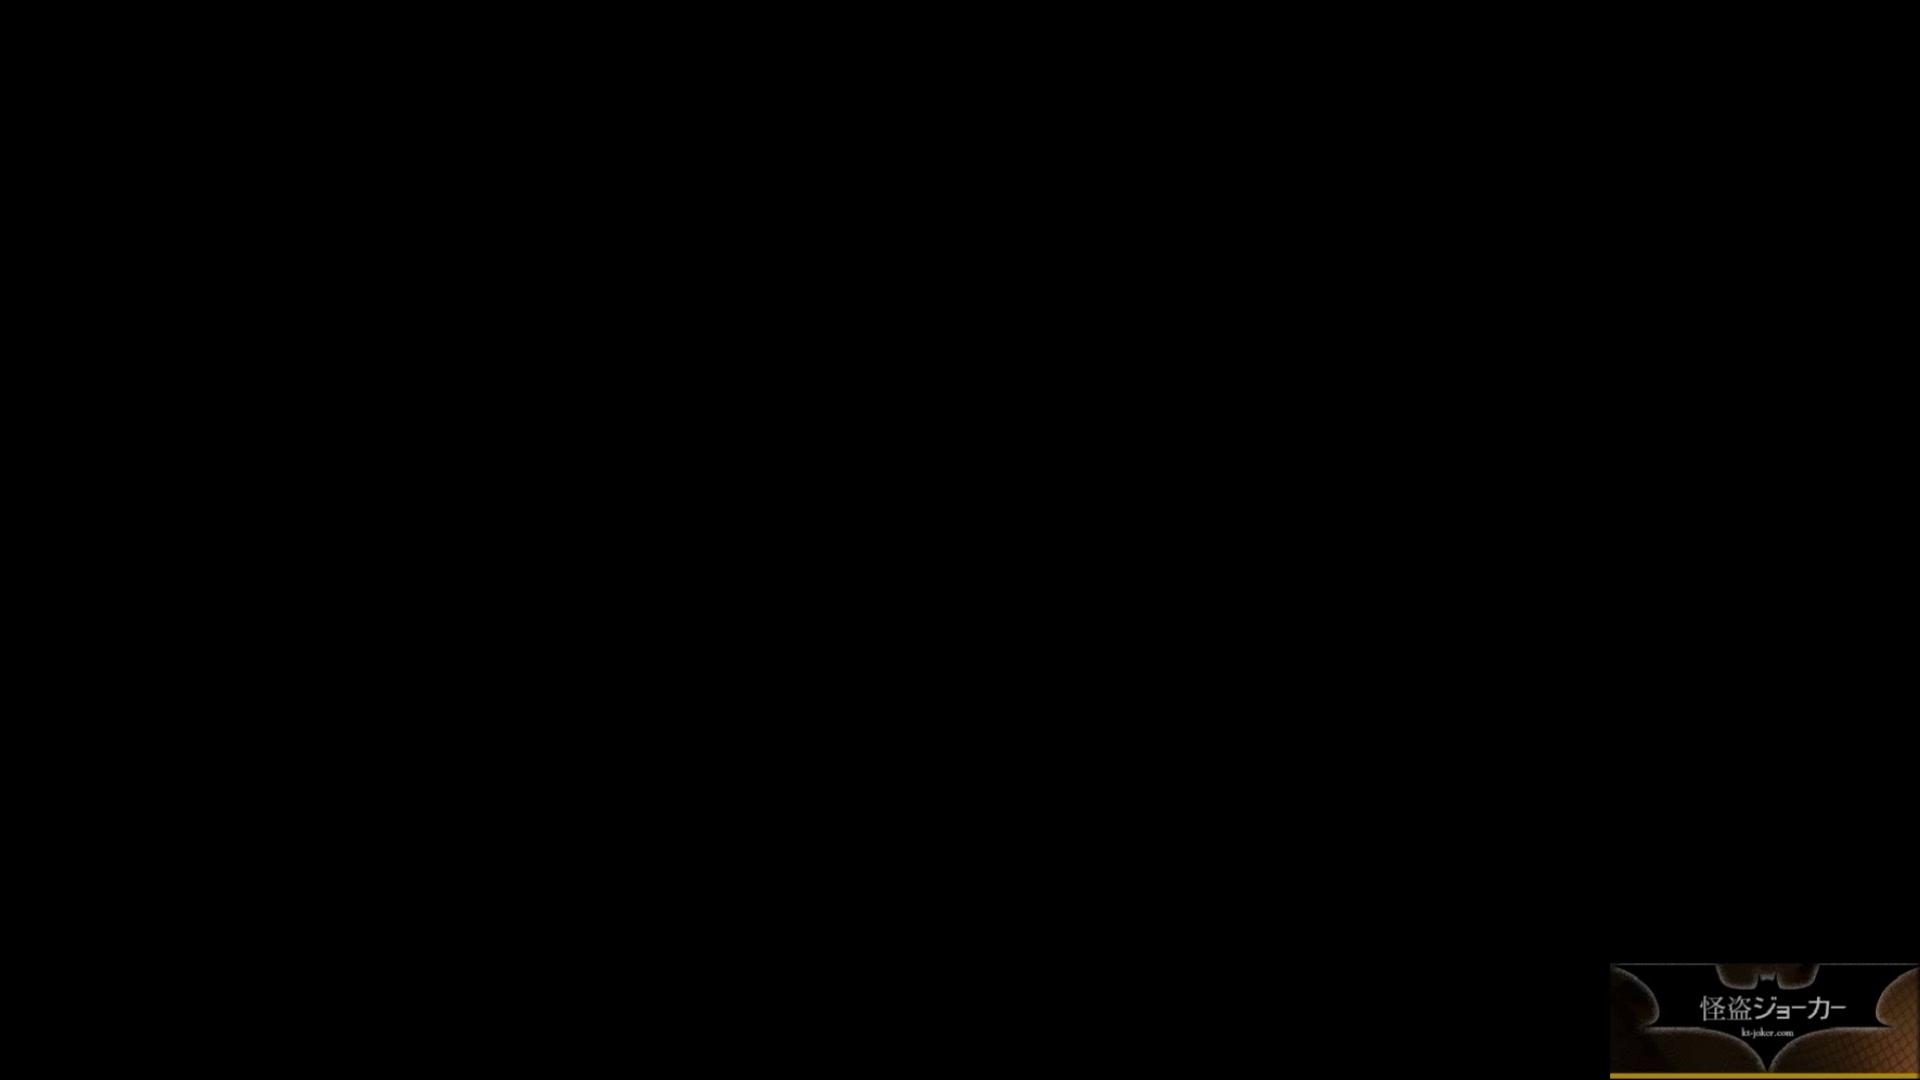 【未公開】vol.26 葵に群がる男たち。。。 友人・知人  95PIX 24